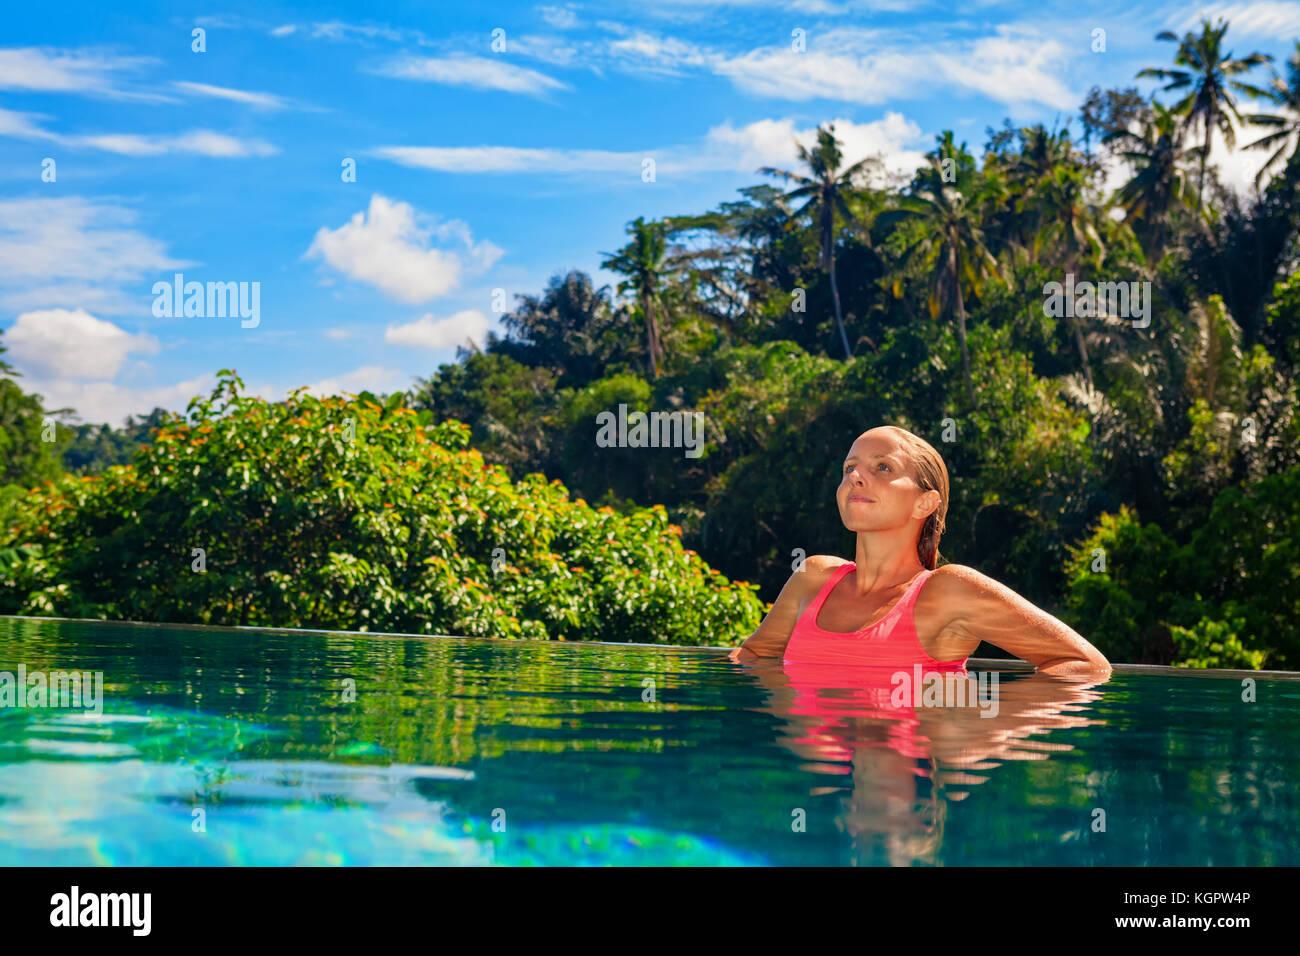 Frau Sommer Strand Urlaub relaxen im Luxus Spa Hotel im Infinity-Pool mit tropischen Dschungel. gesunder Lebensstil, Stockbild